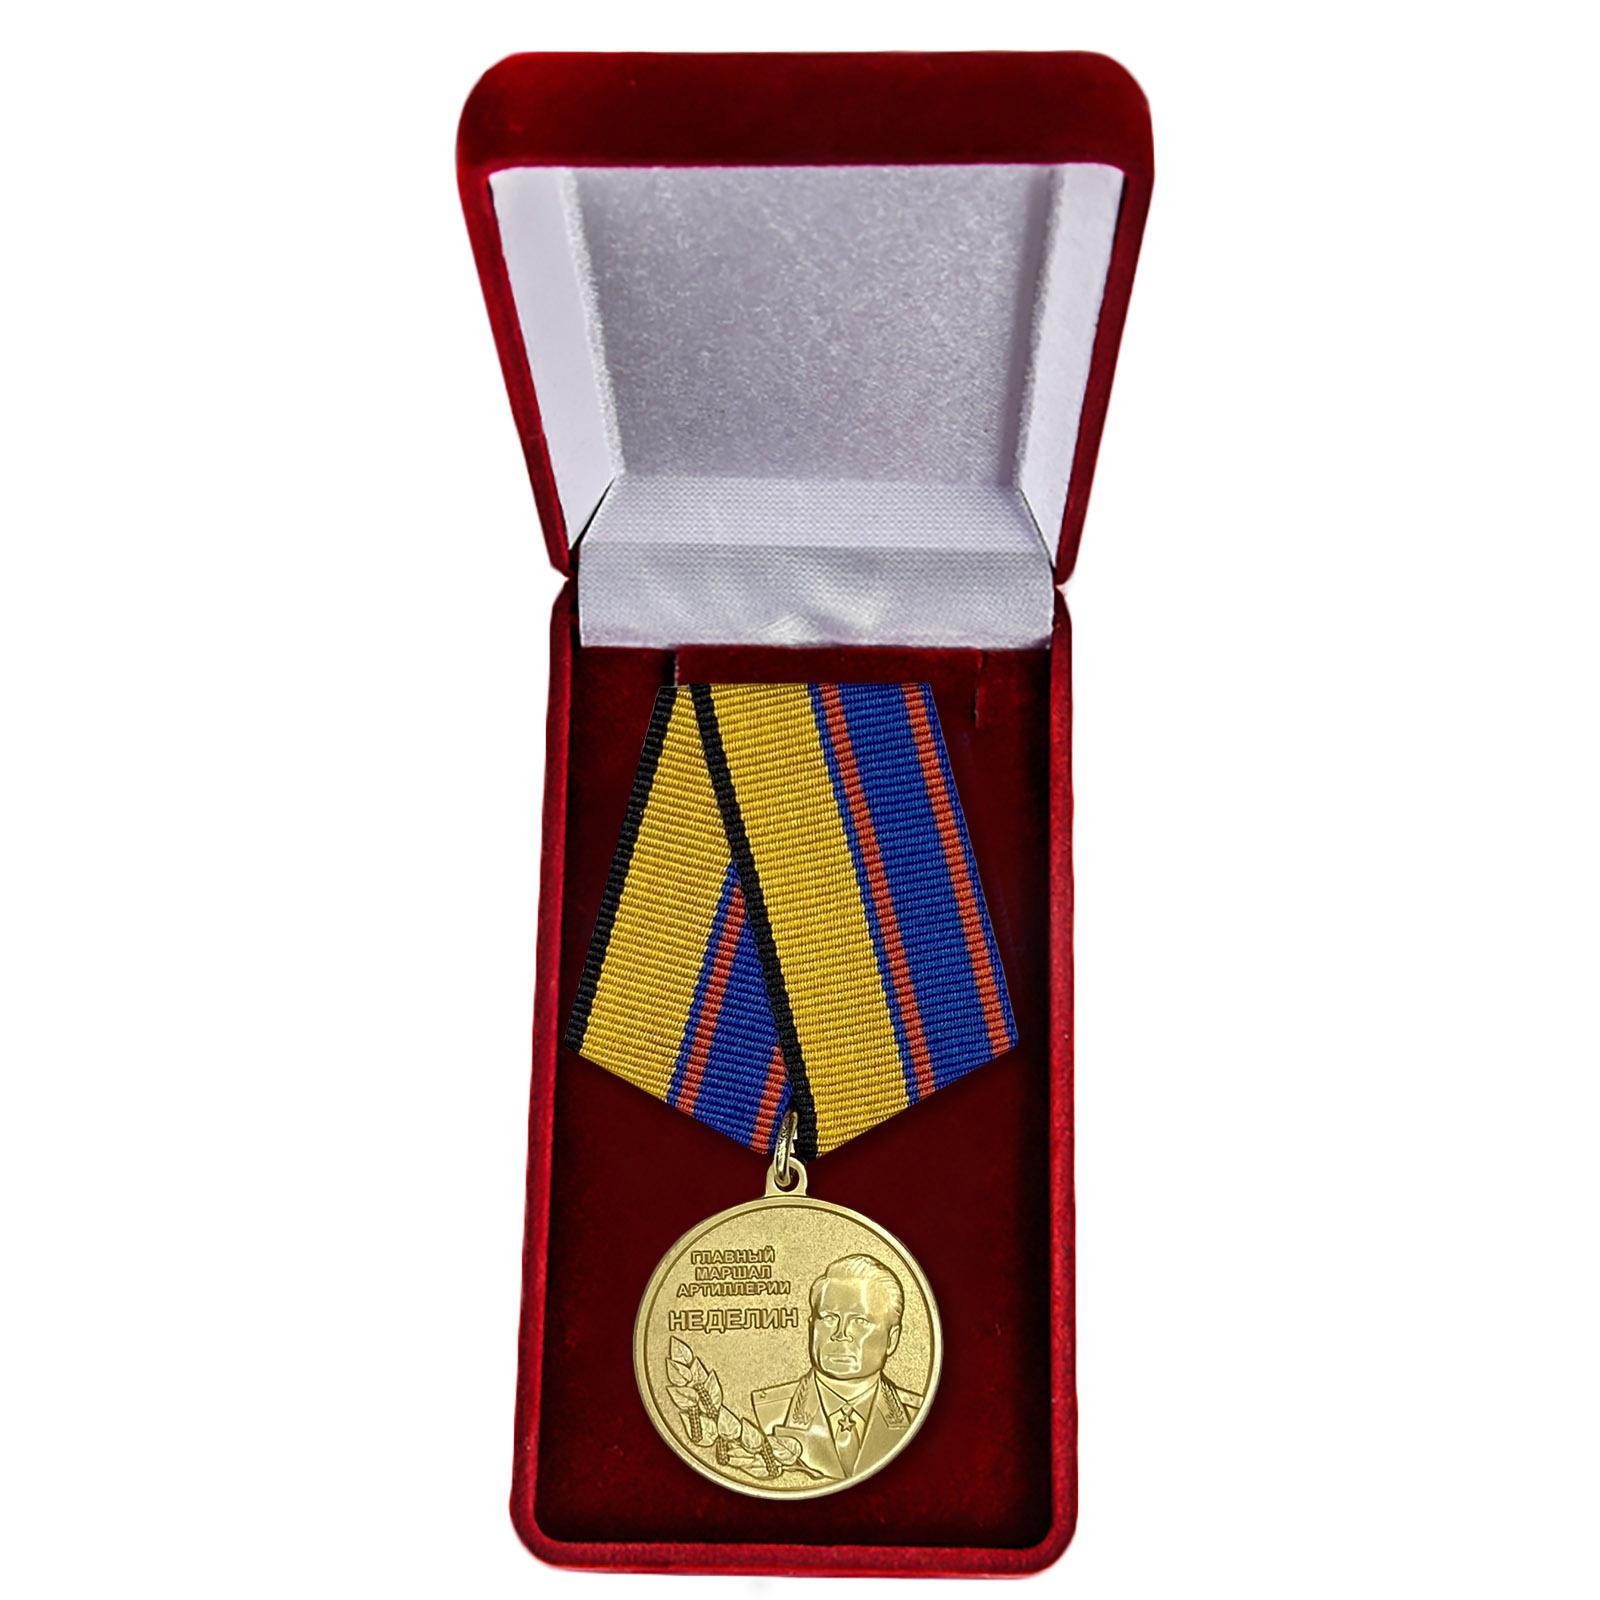 Латунная медаль Главный маршал артиллерии Неделин - в футляре